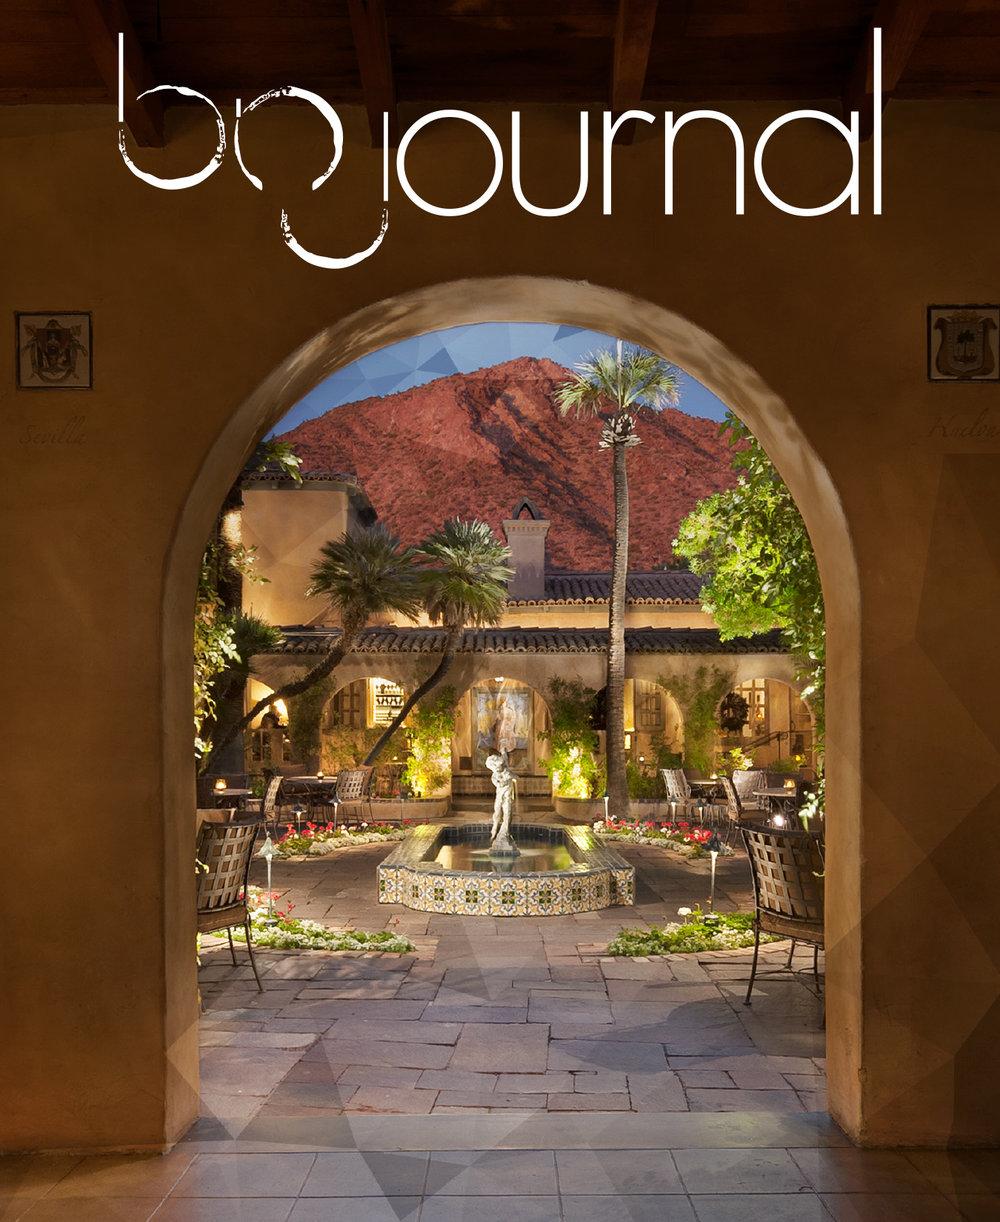 BN JOURNAL<br>VOLUME 1 ISSUE 2